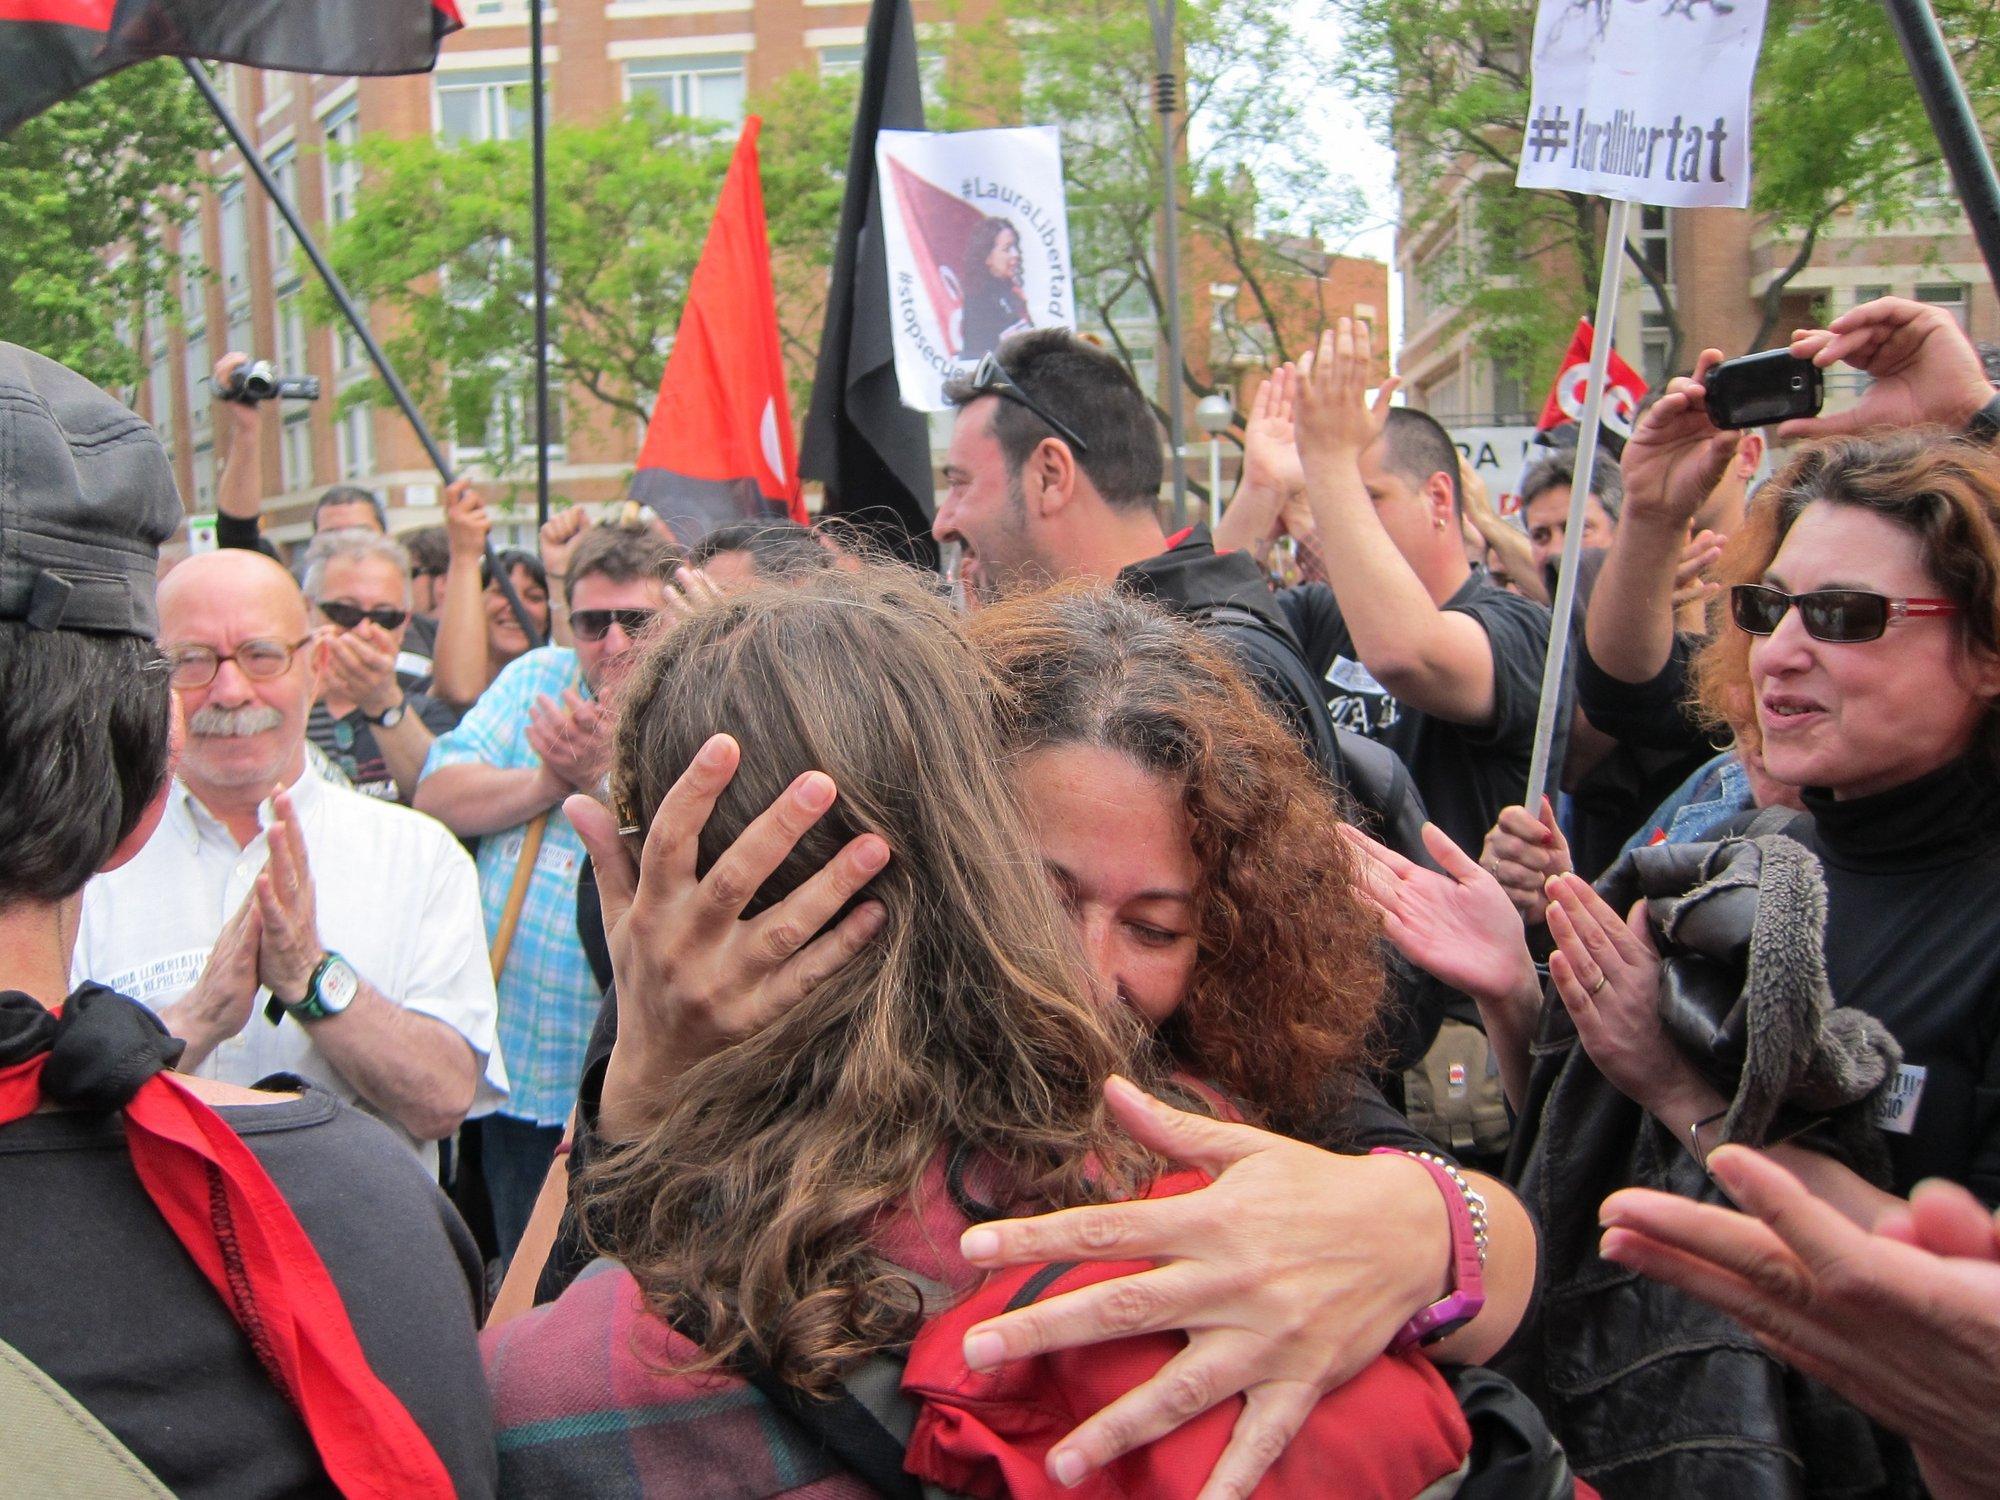 Sale en libertad la secretaria de organización de la CGT, Laura Gómez, tras 23 días en prisión